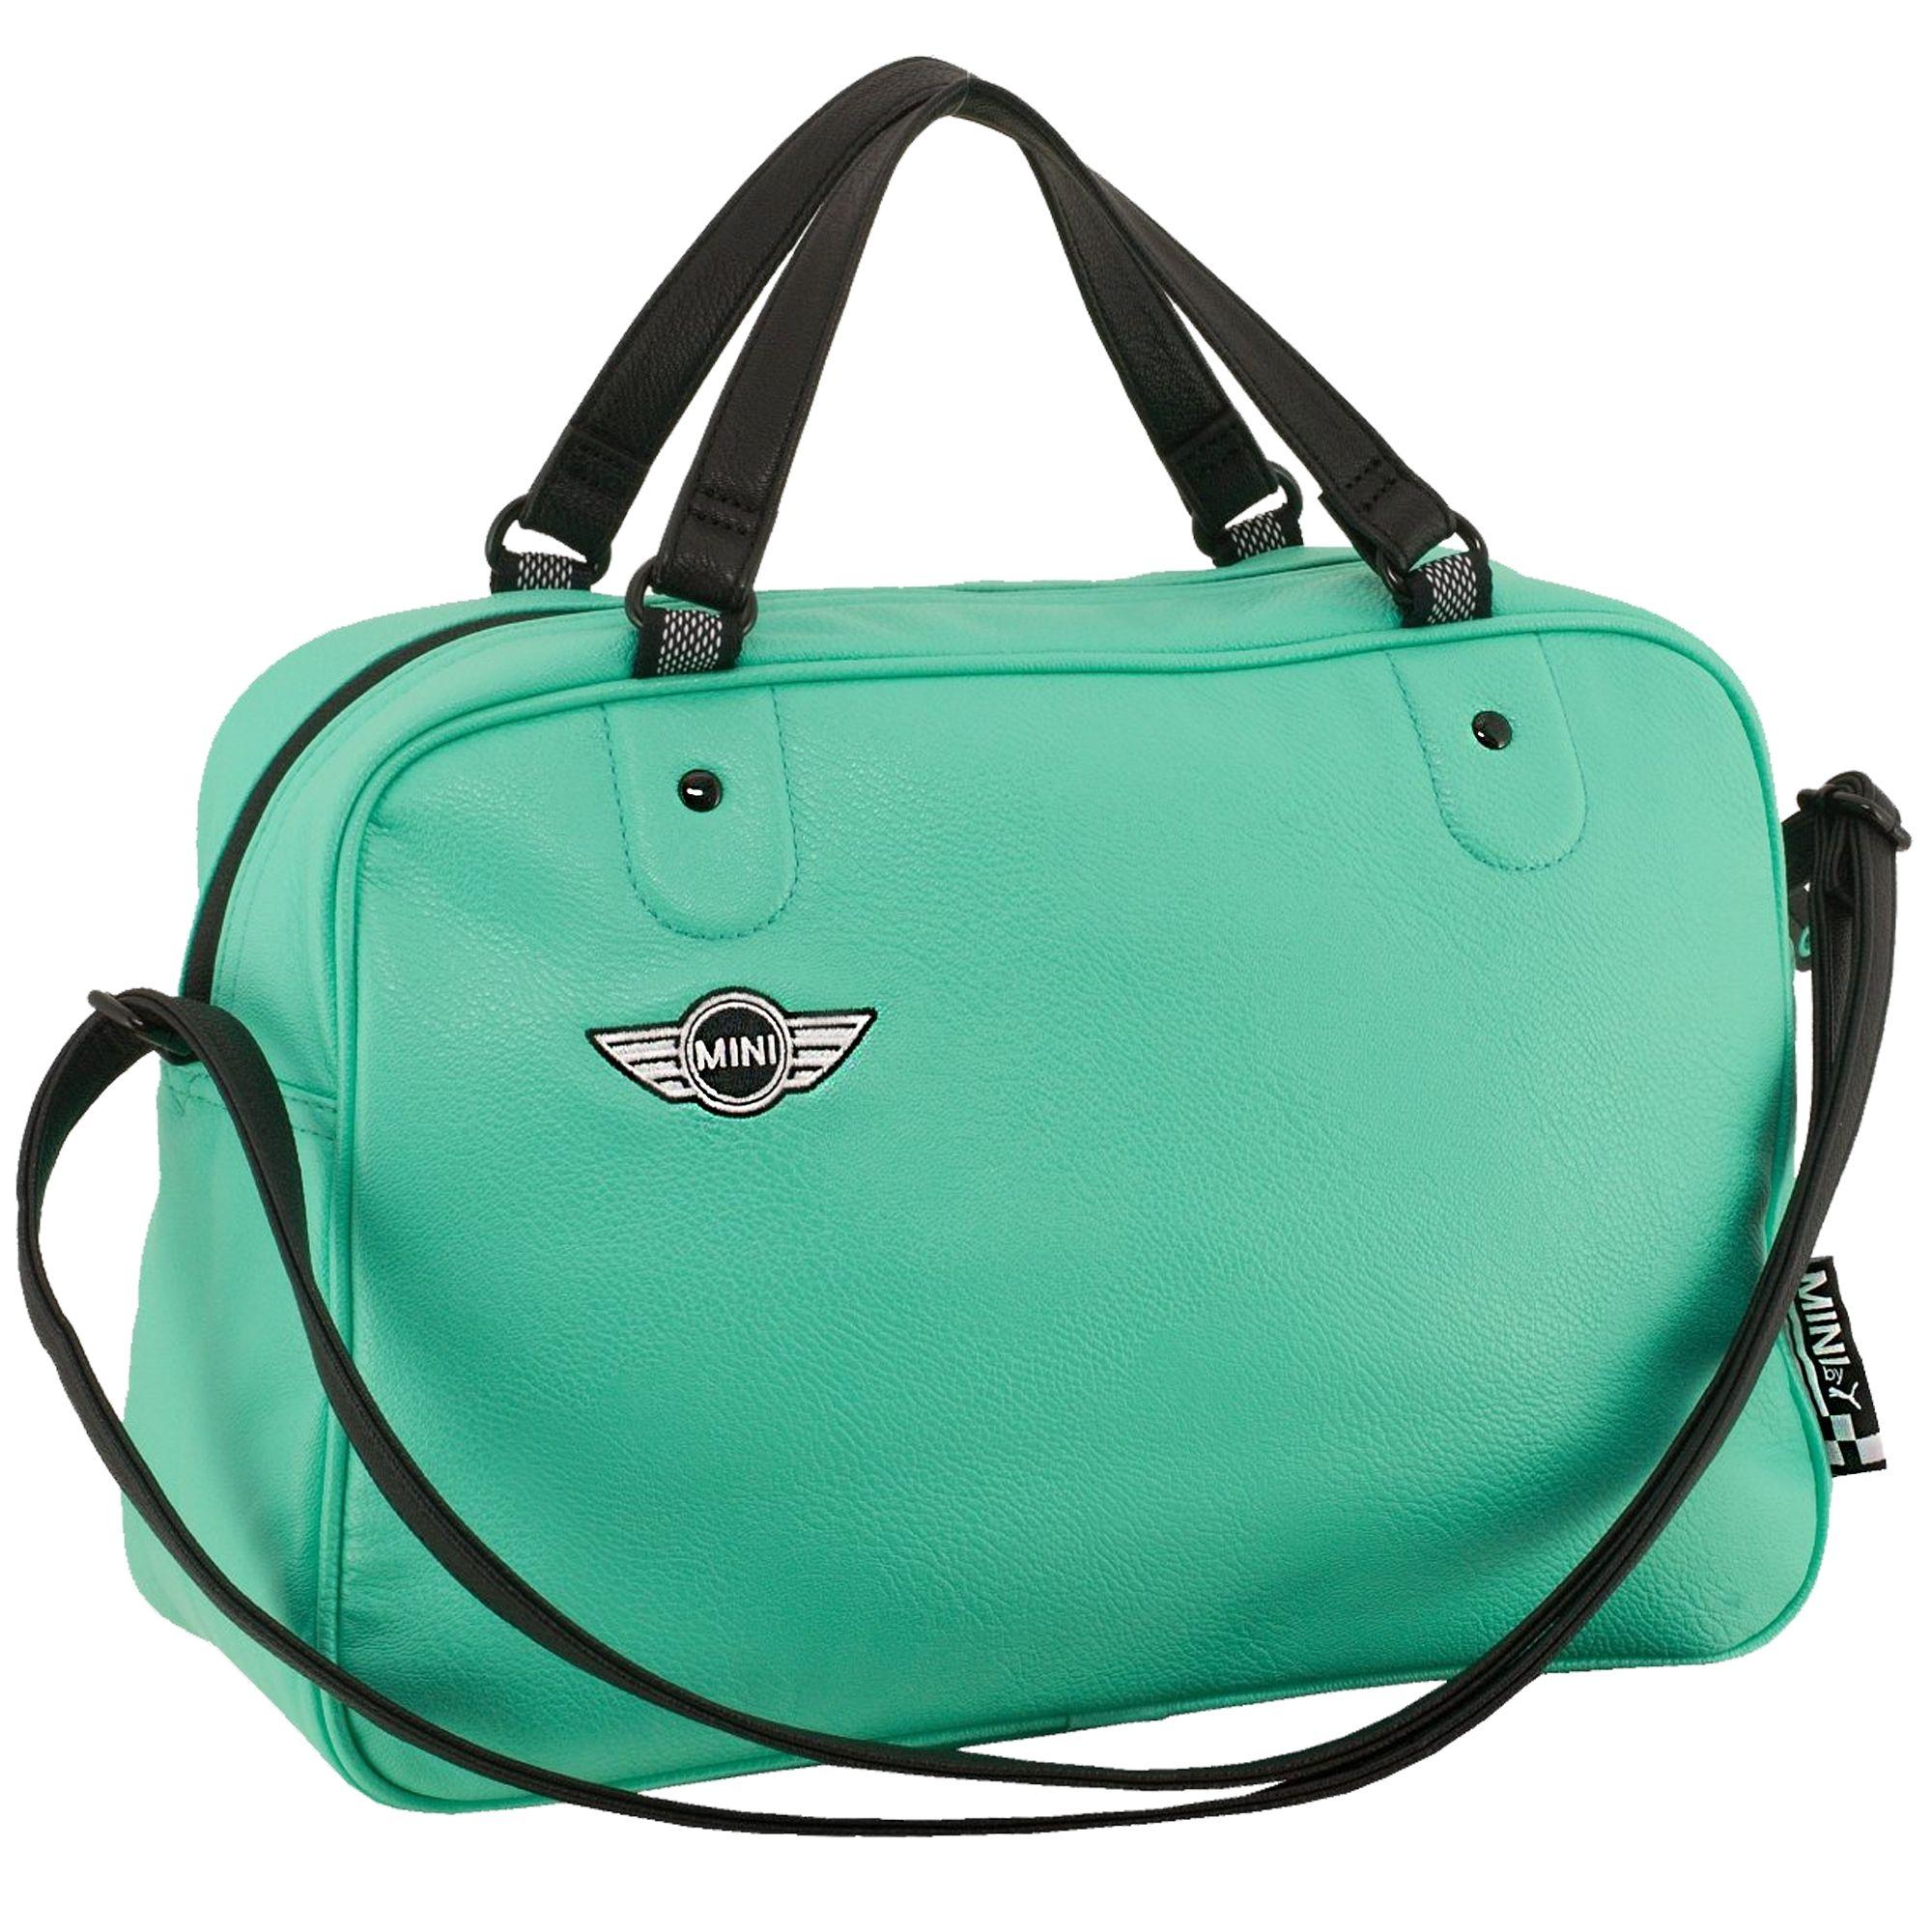 Top Bag Trends Des Jahres 2020 Die Besten Neuen Taschen Des Jahres Handbag Trend 2020 Handbag Taschen Trends Leder